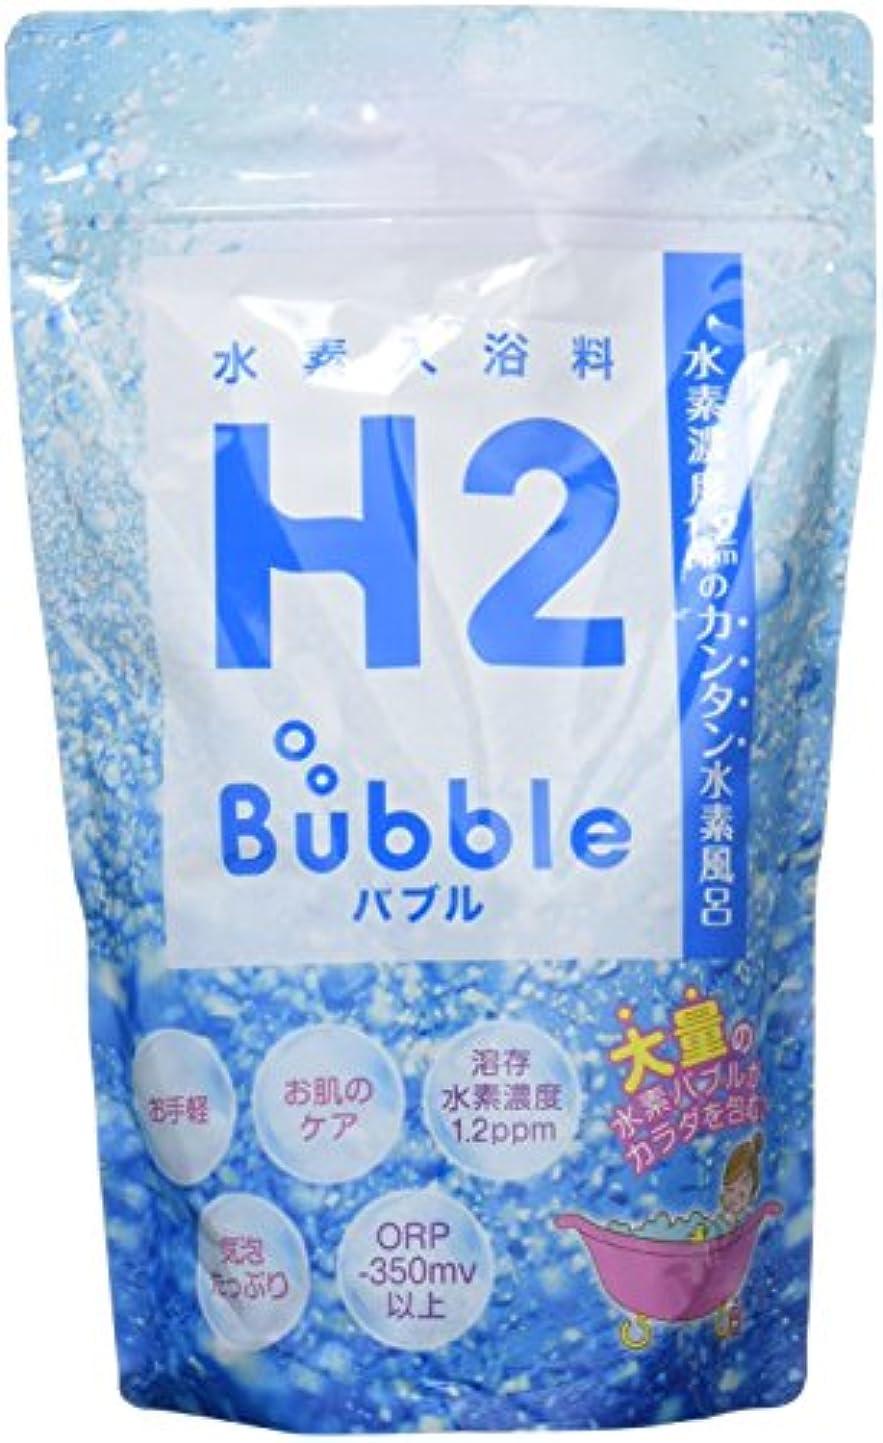 しなやか実際のうがいガウラ H2バブル 700g